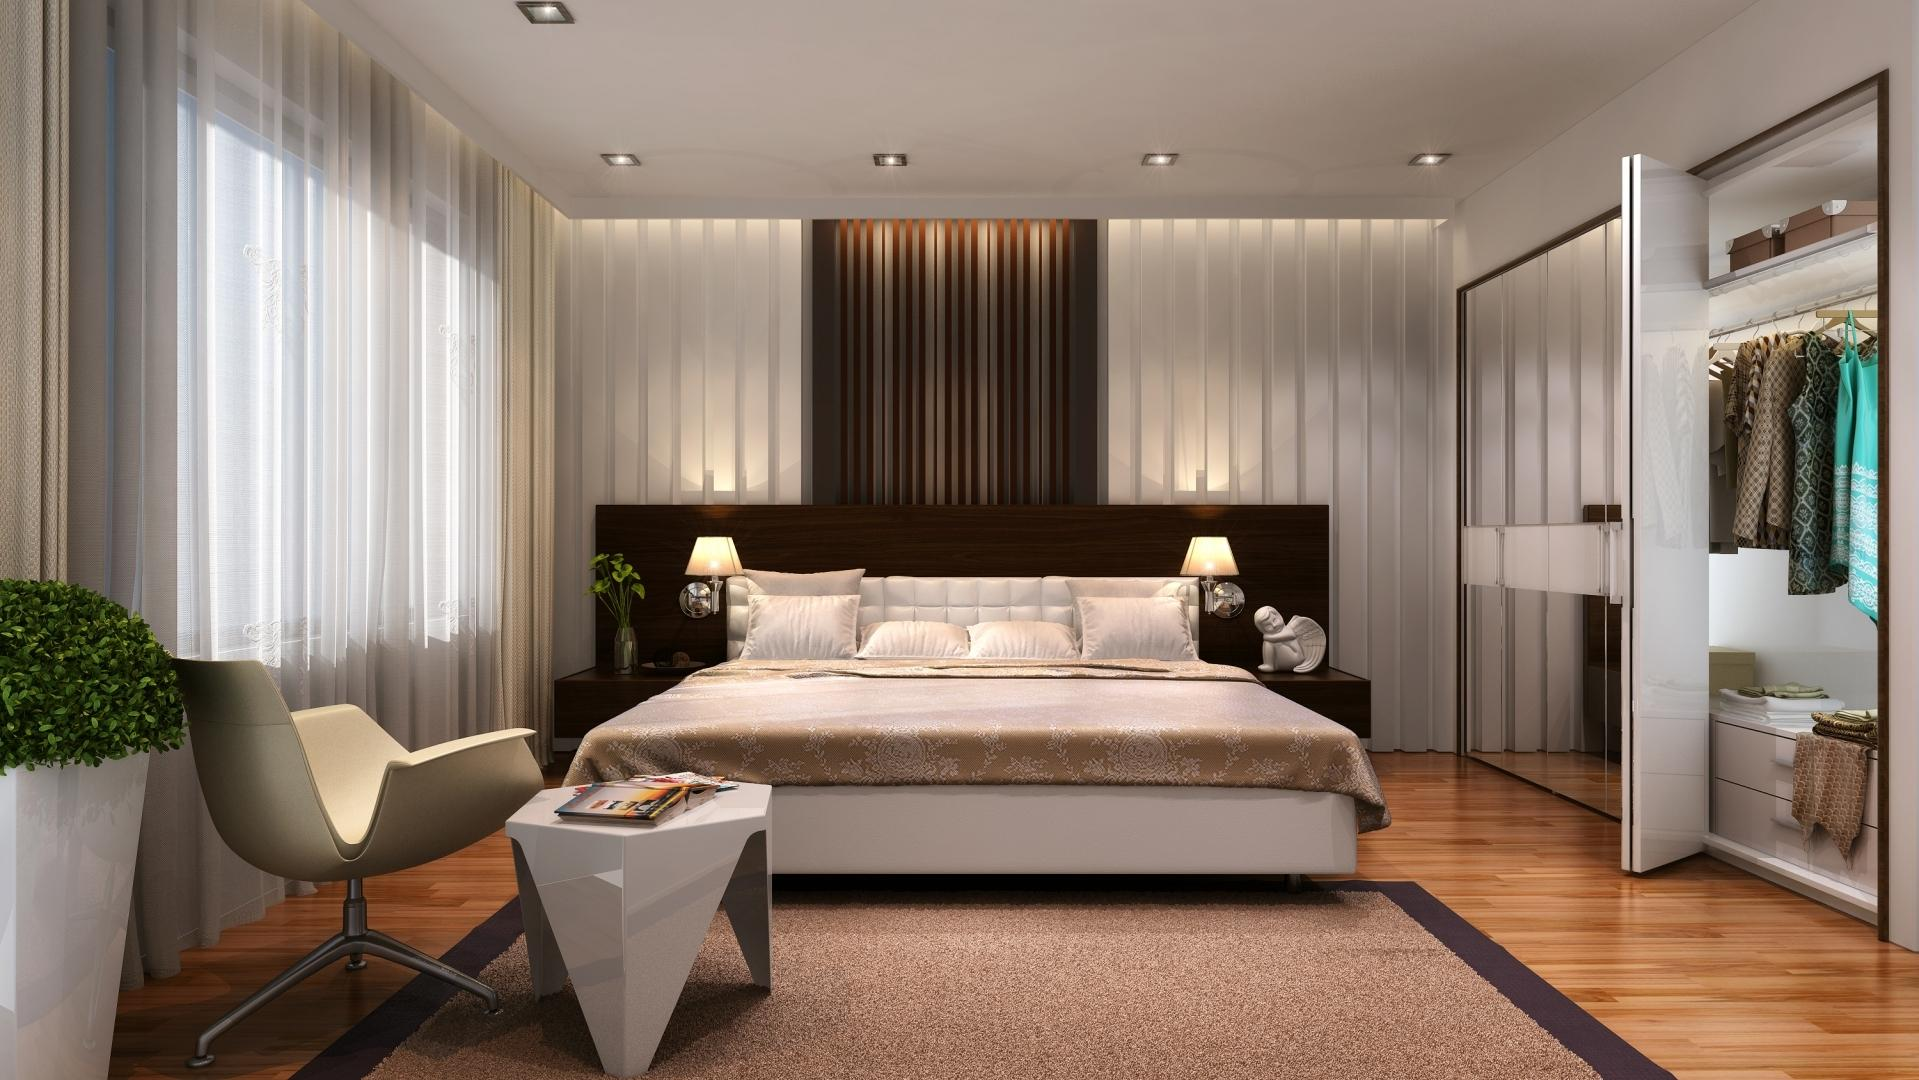 картинки спальных комнат в квартире фото